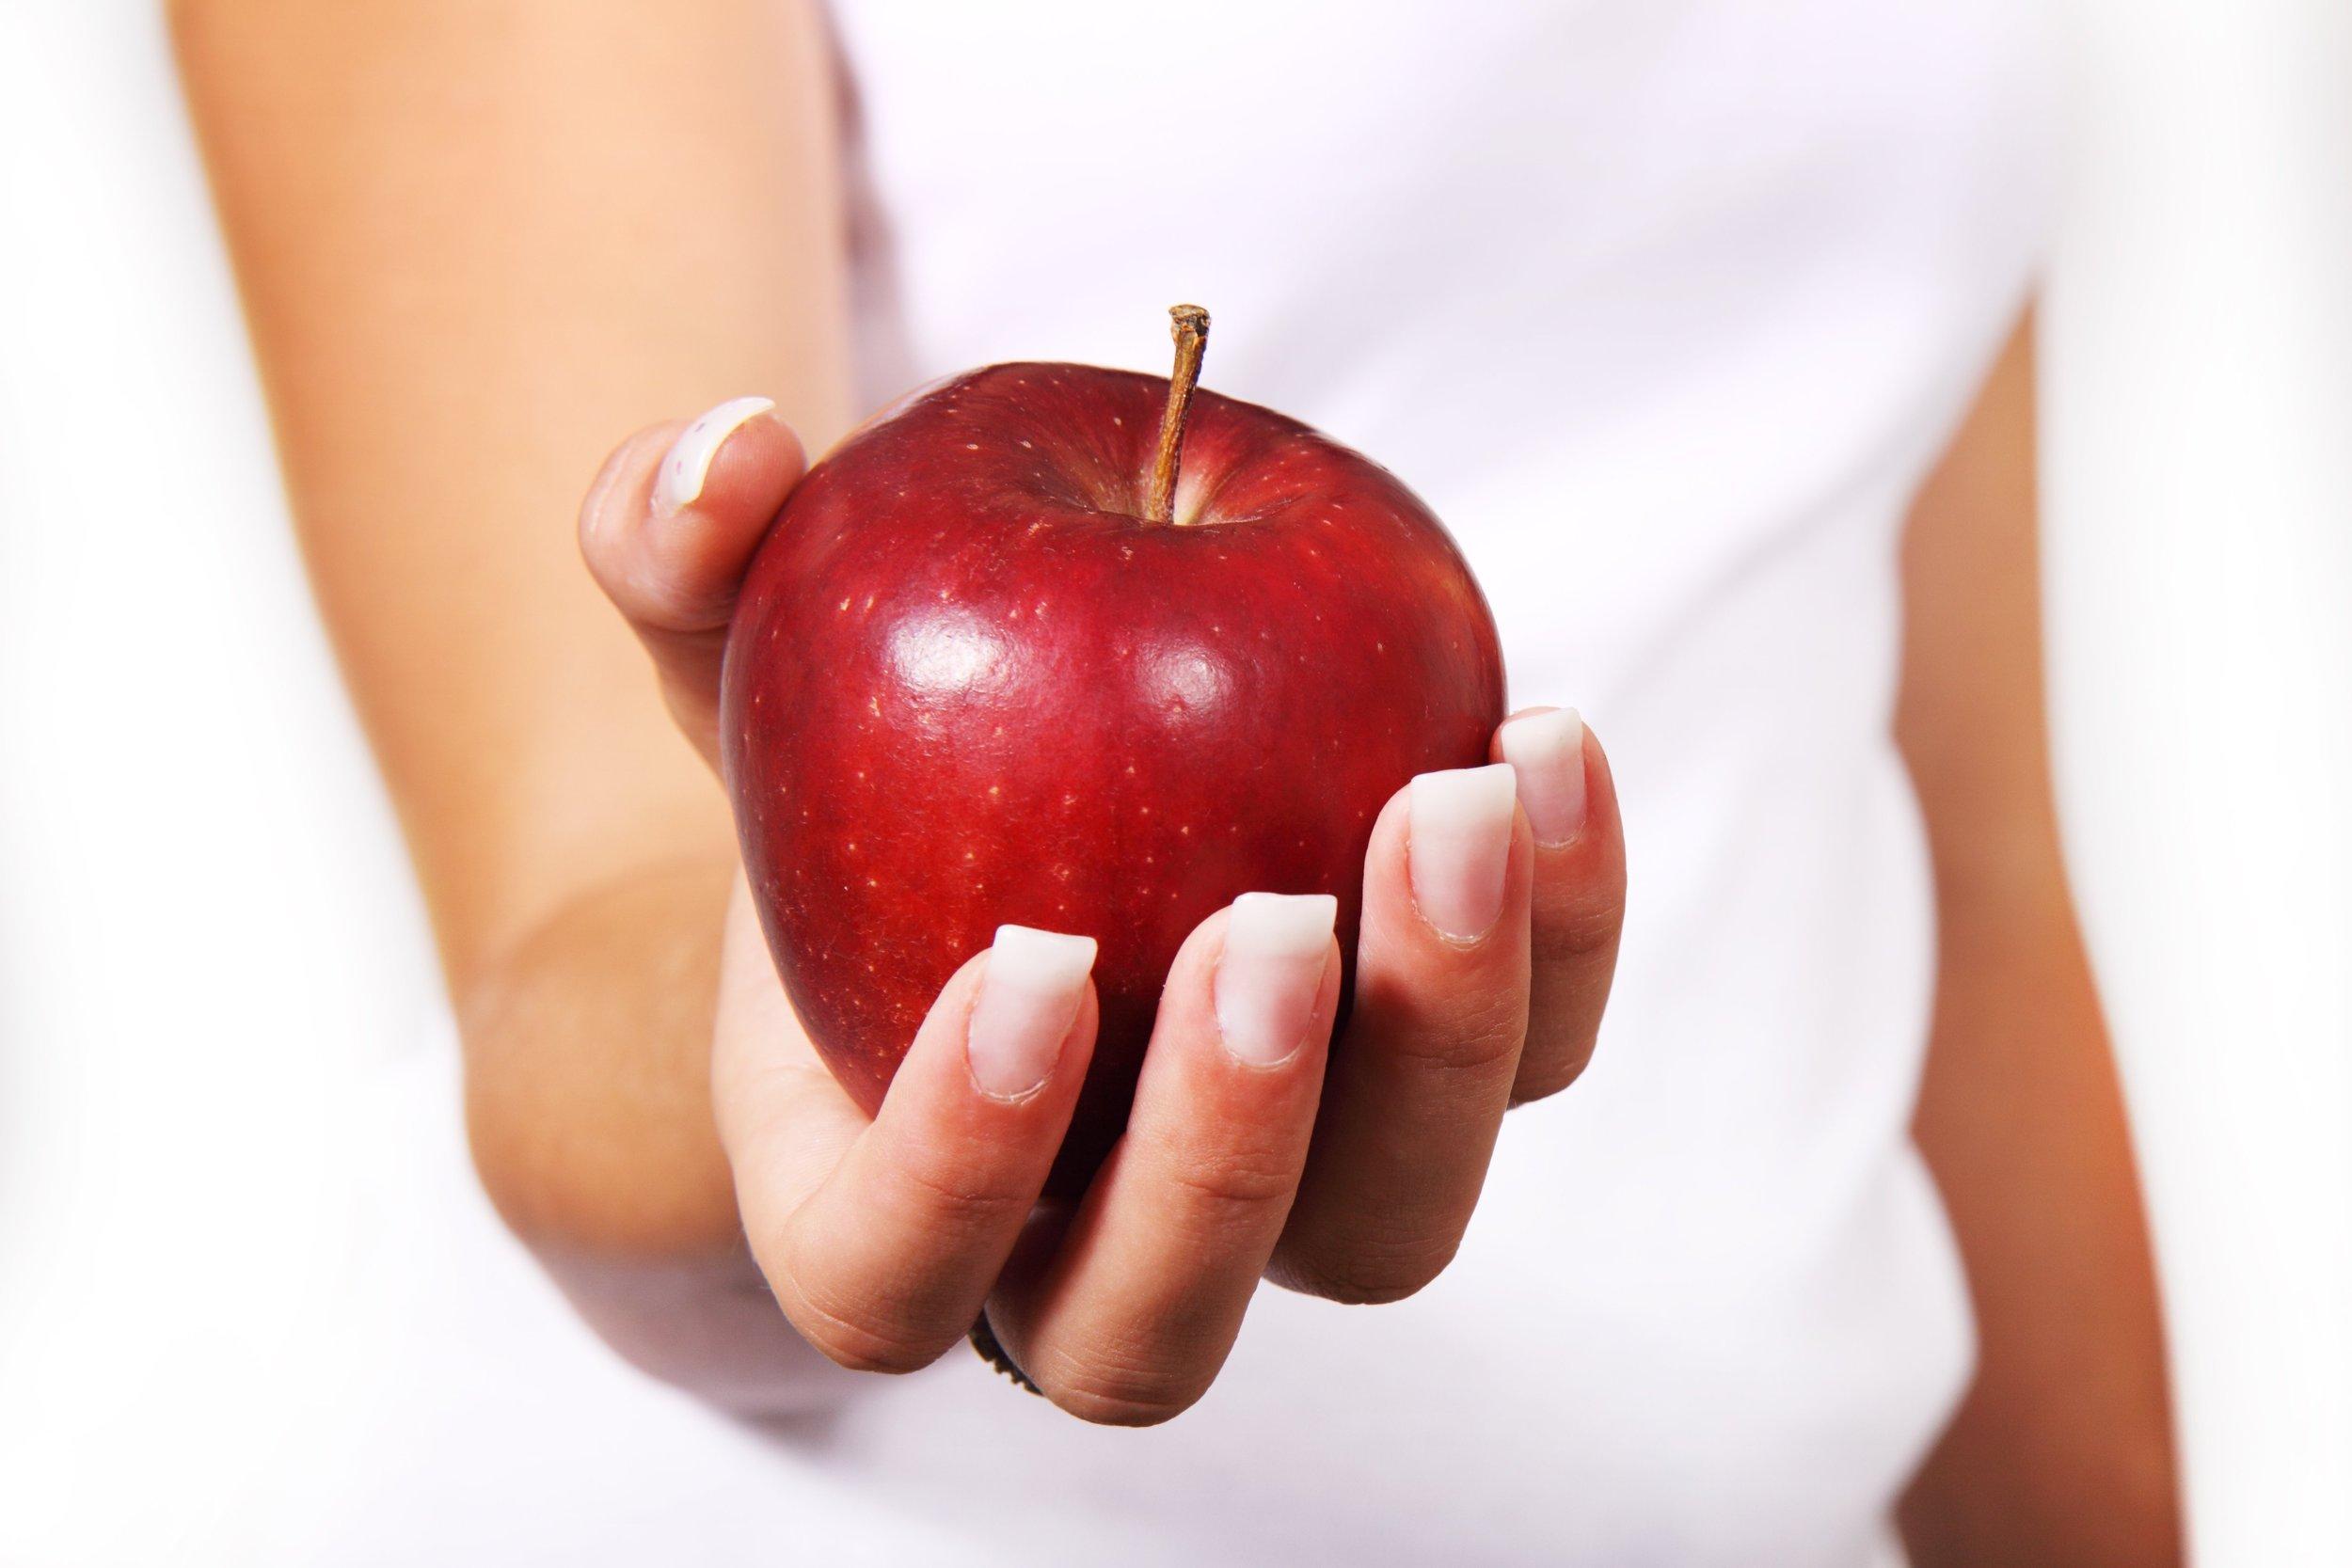 apple-diet-female-food-42068.jpeg